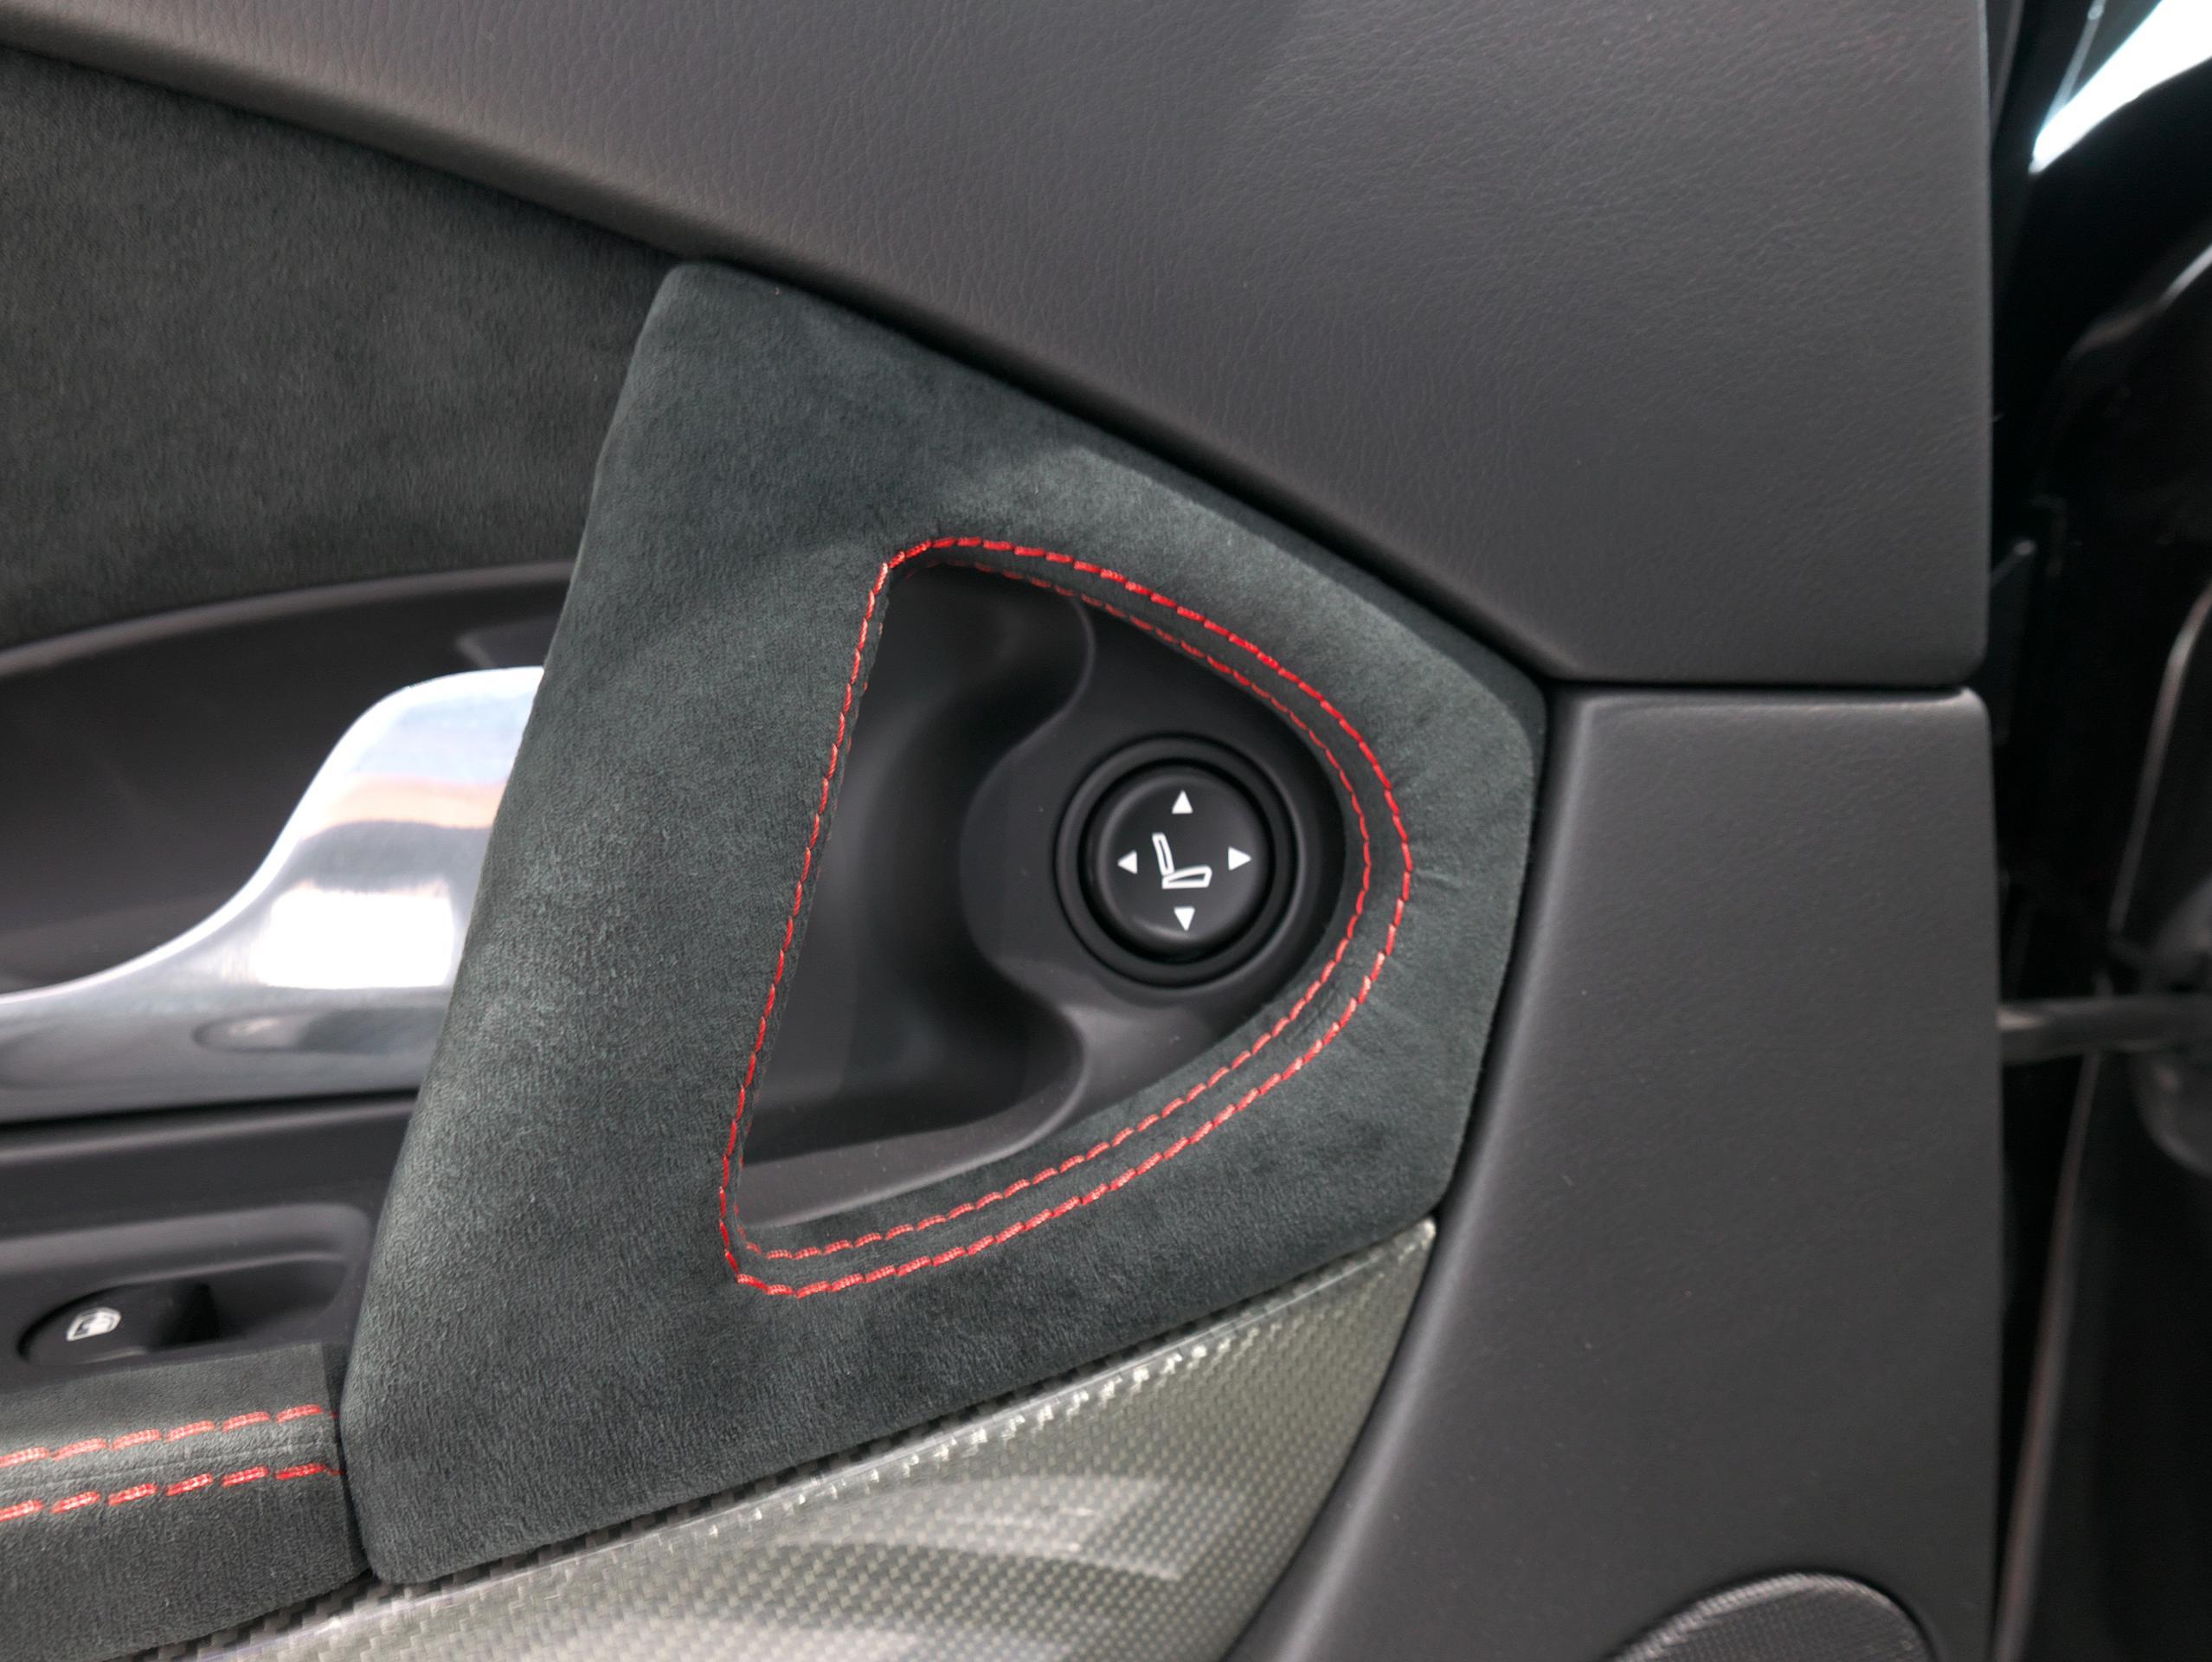 クアトロポルテ スポーツ GT S リアシート左側パワーシートスイッチ